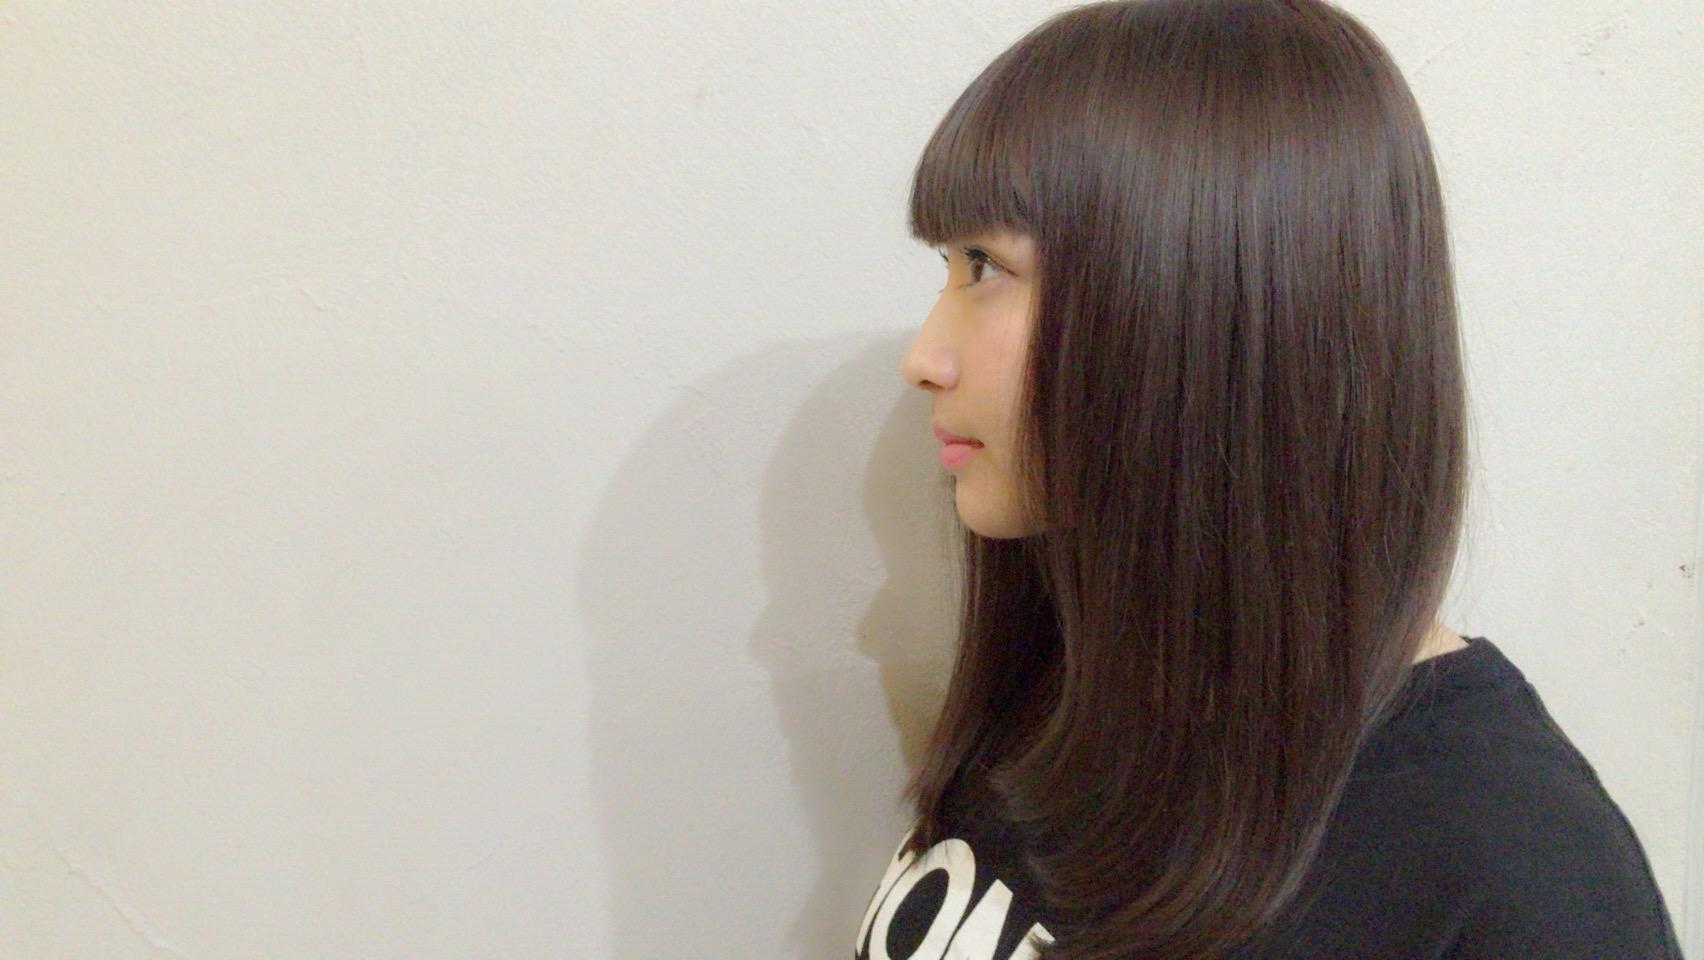 バッサリ切る時でも髪の毛の長さ1ミリ単位でこだわるべき。